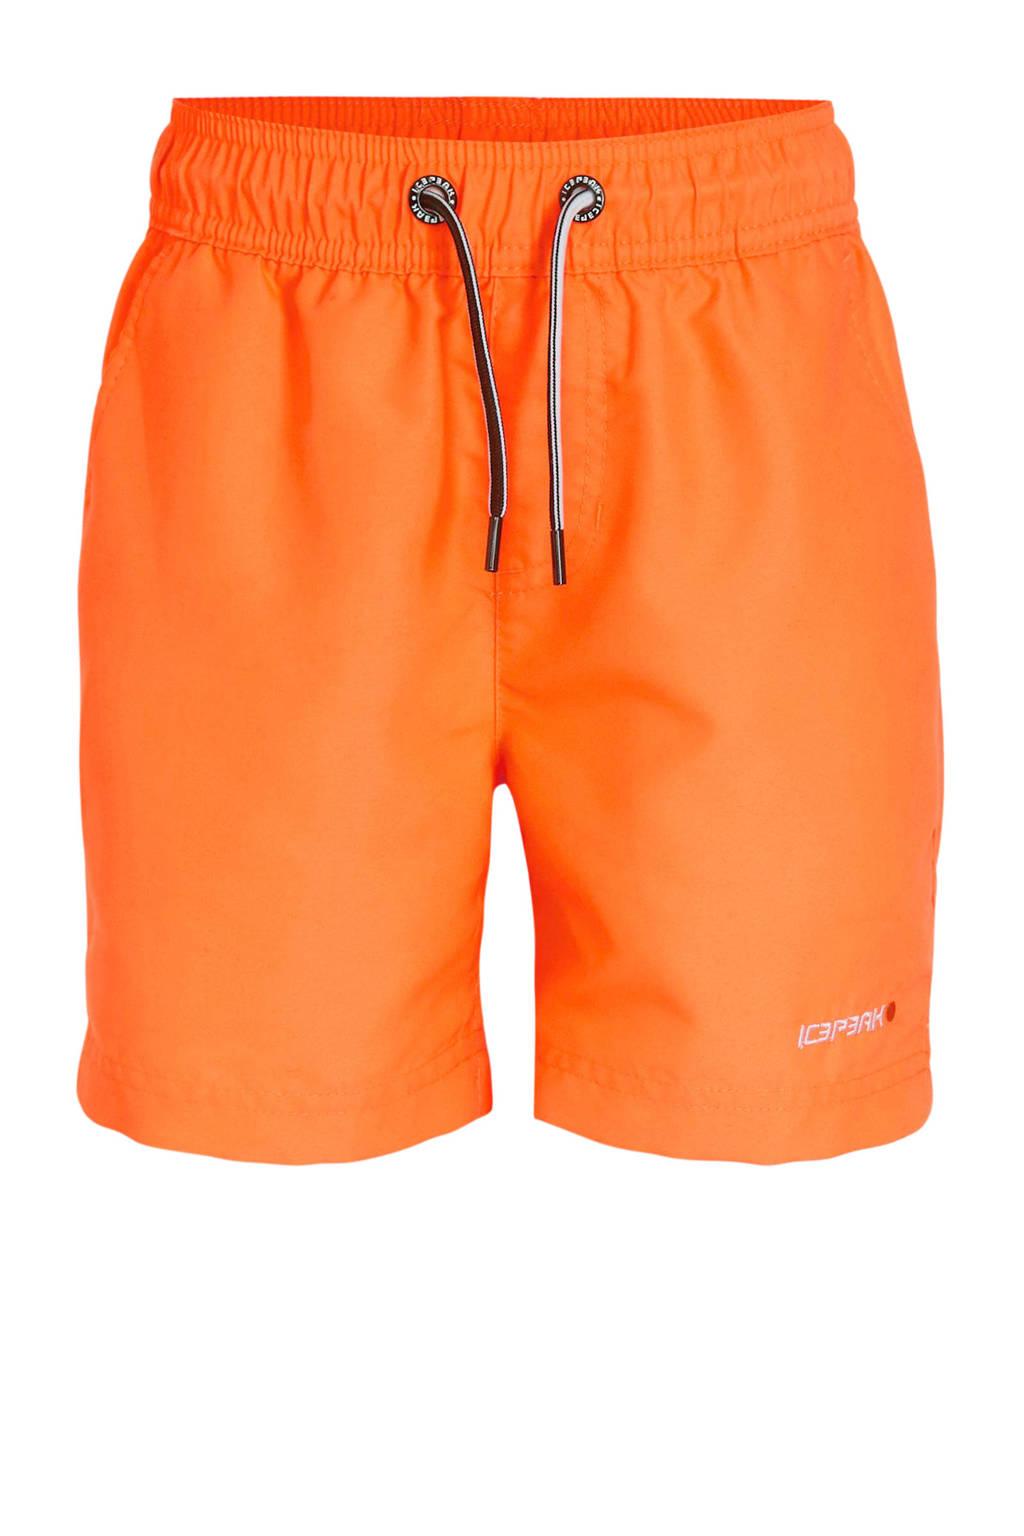 Icepeak zwemshort Melvin oranje, Oranje